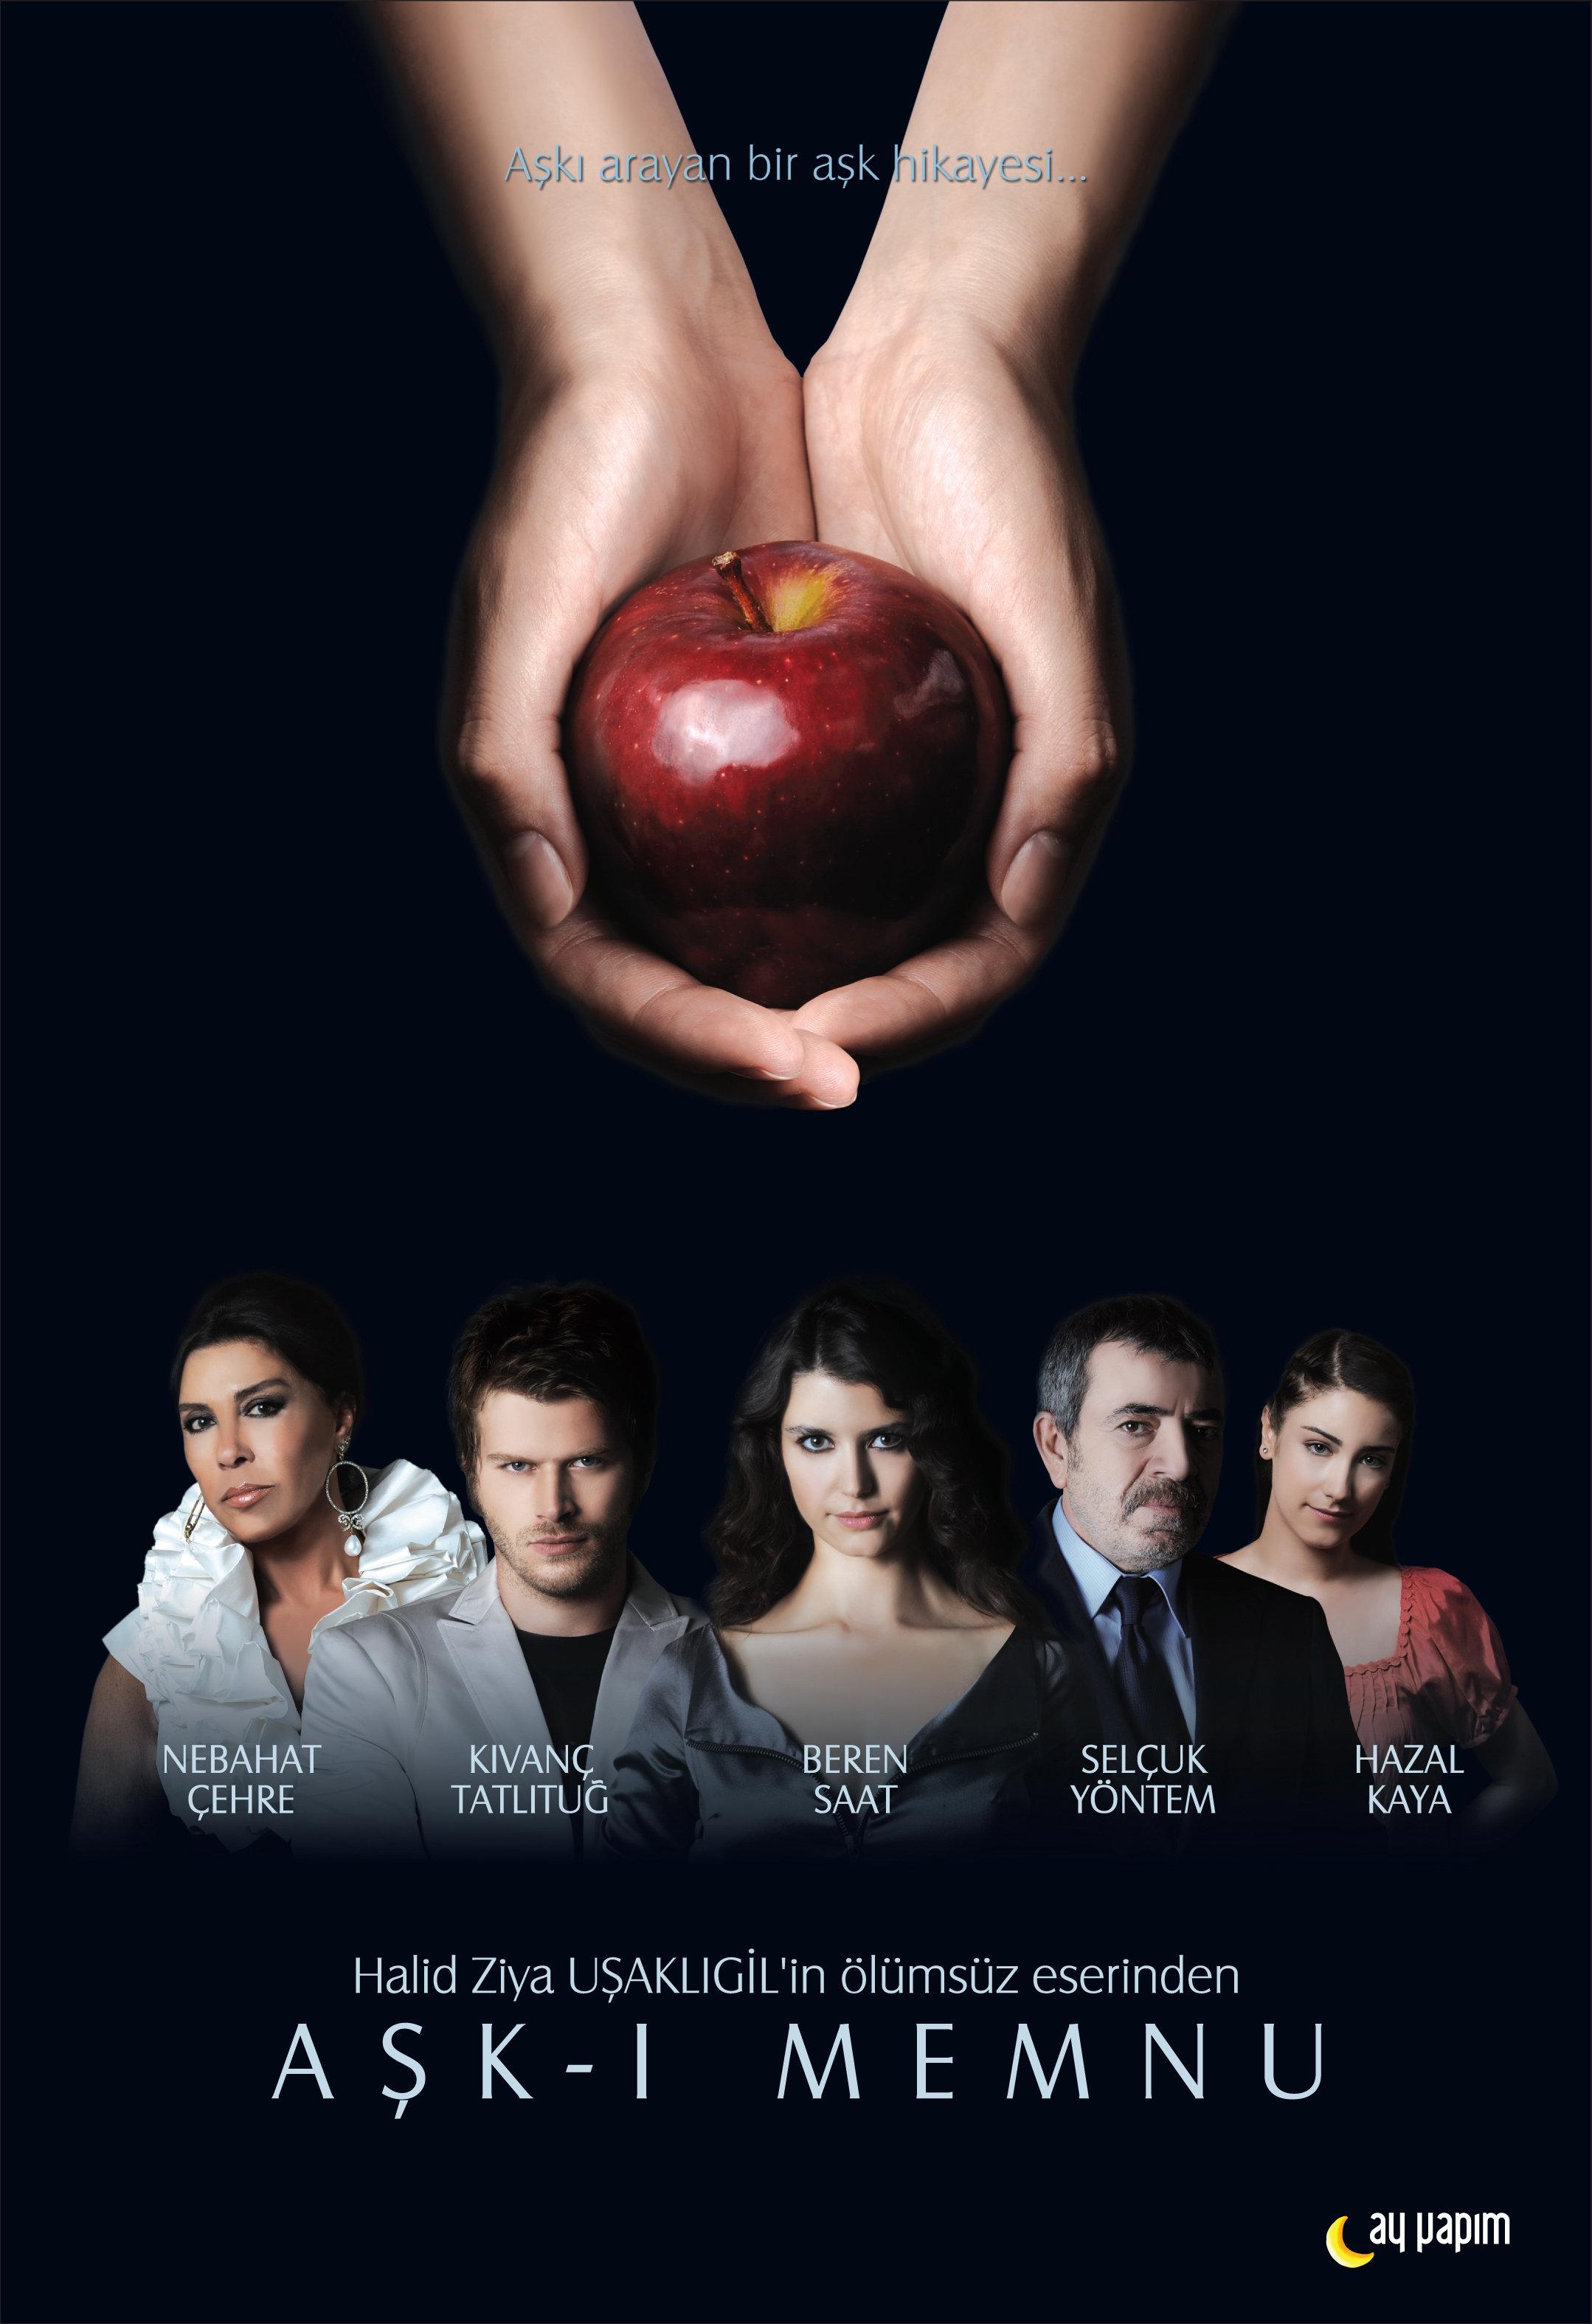 Ask-i Memnu (TV Series 2008–2010) - IMDb